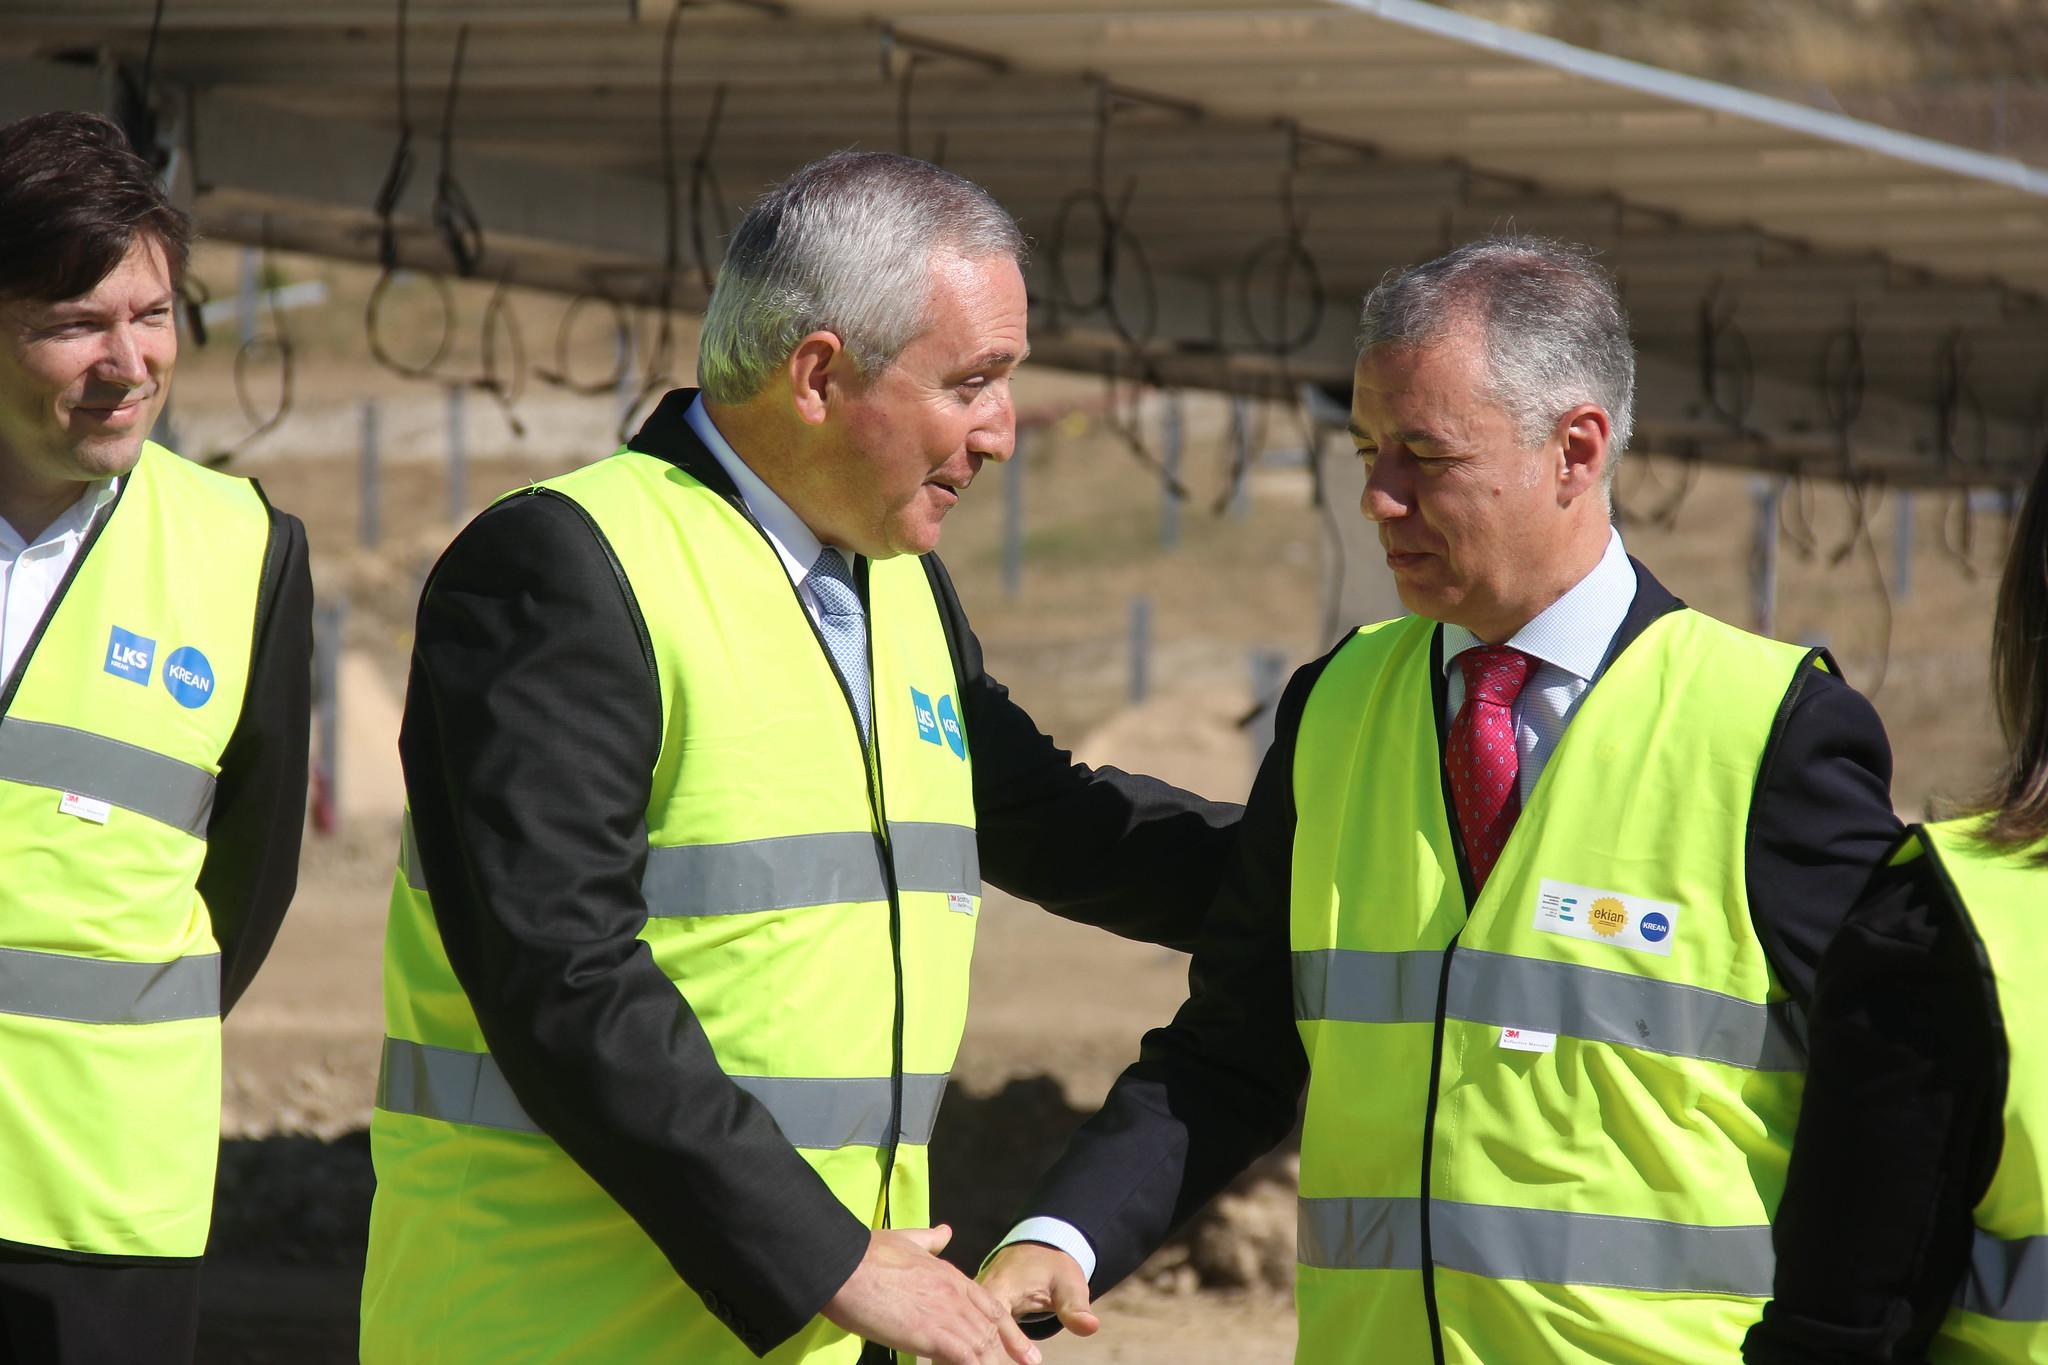 El lehendakari Iñigo Urkullu visita EKIAN, el mayor parque fotovoltaico de Euskadi